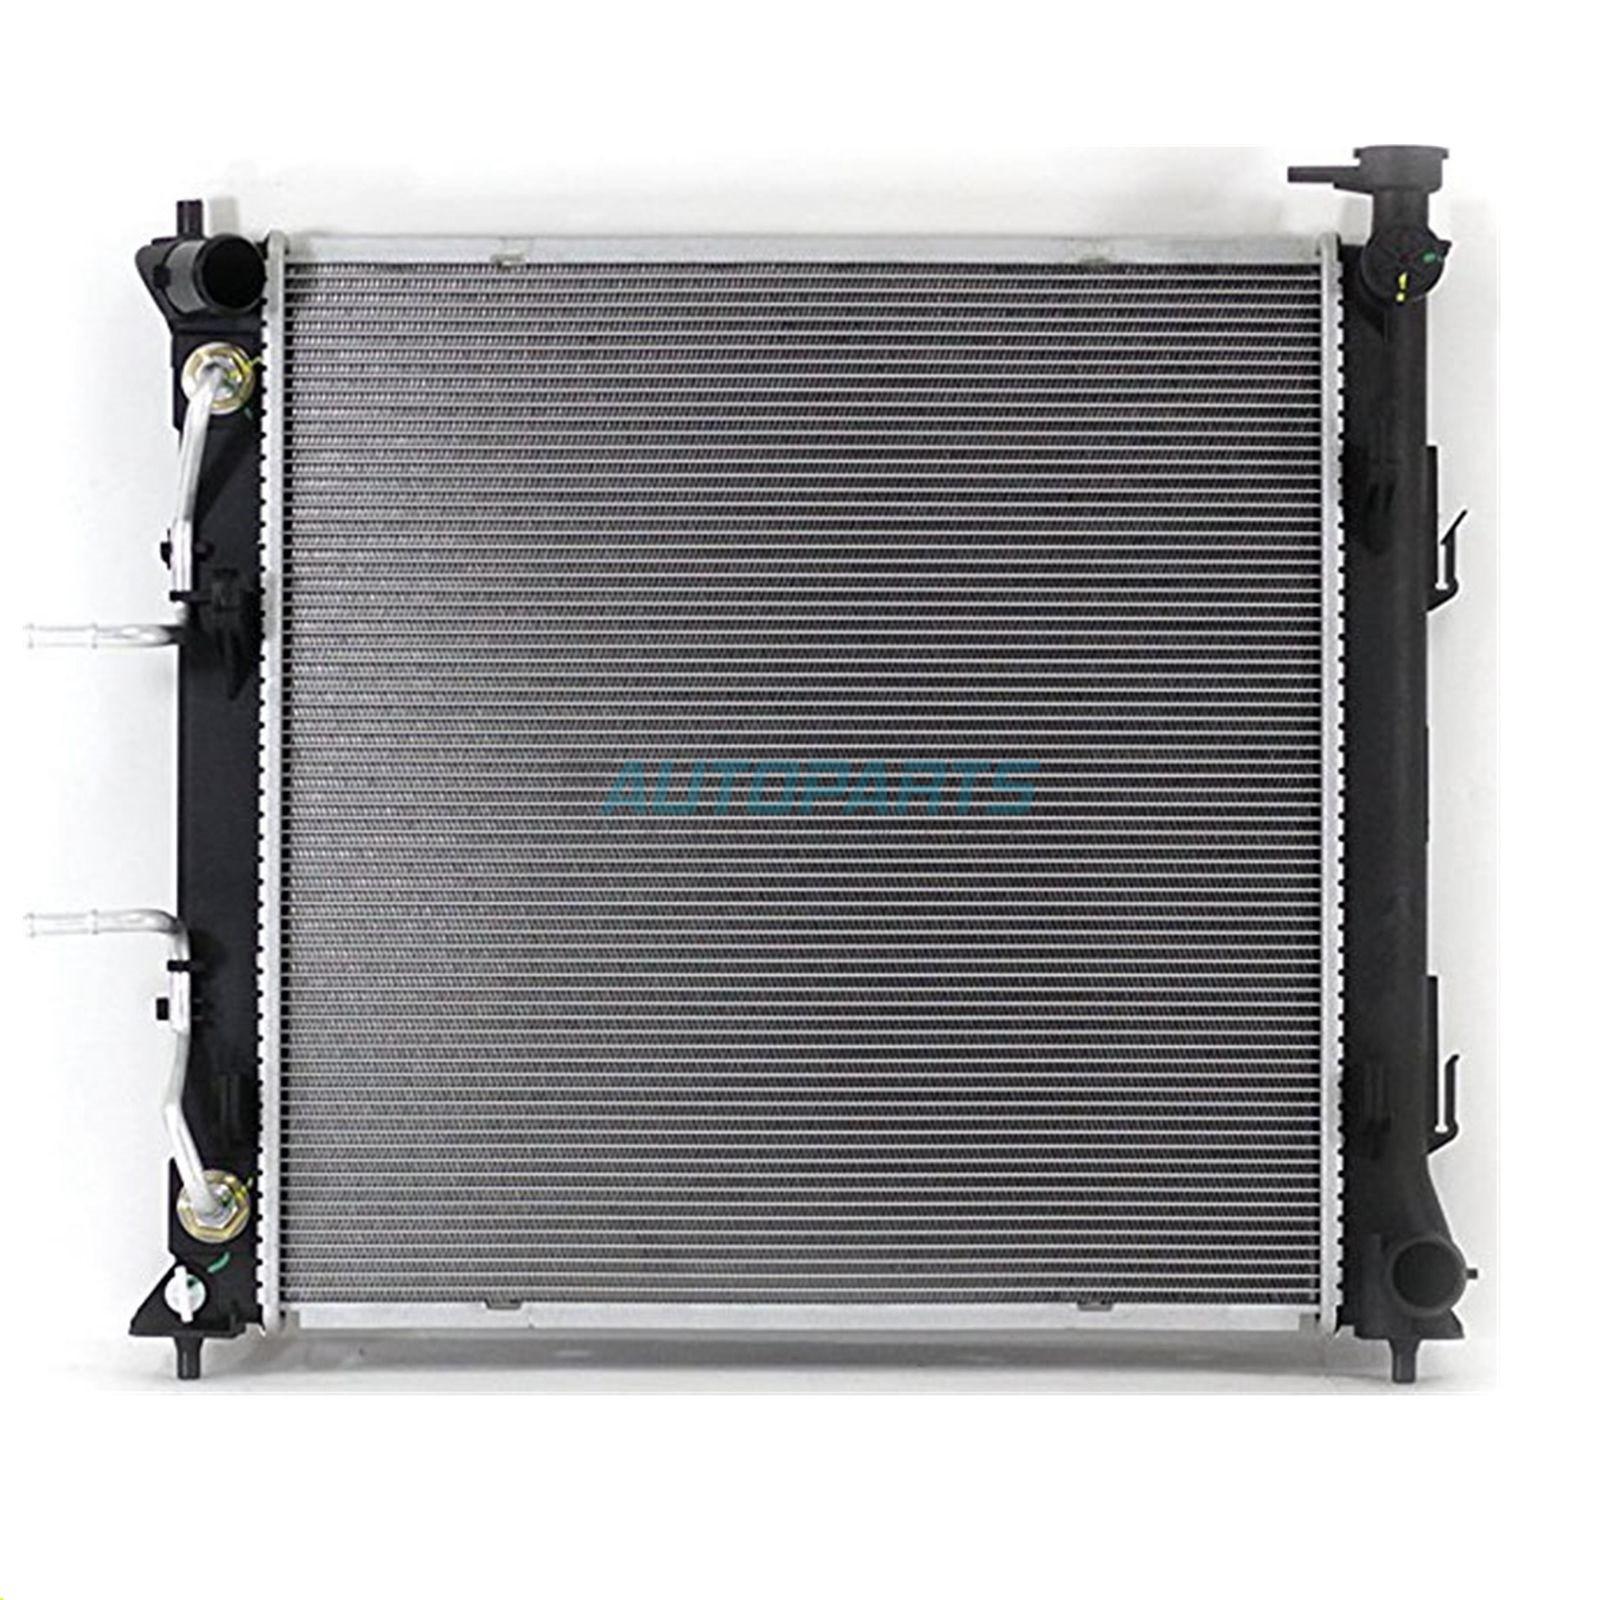 New 2015 2017 Fits Kia Rio Front Radiator Support Assembly Ki1225179 Coolant 2016 Optima 20 Liter L4 Ki3010165